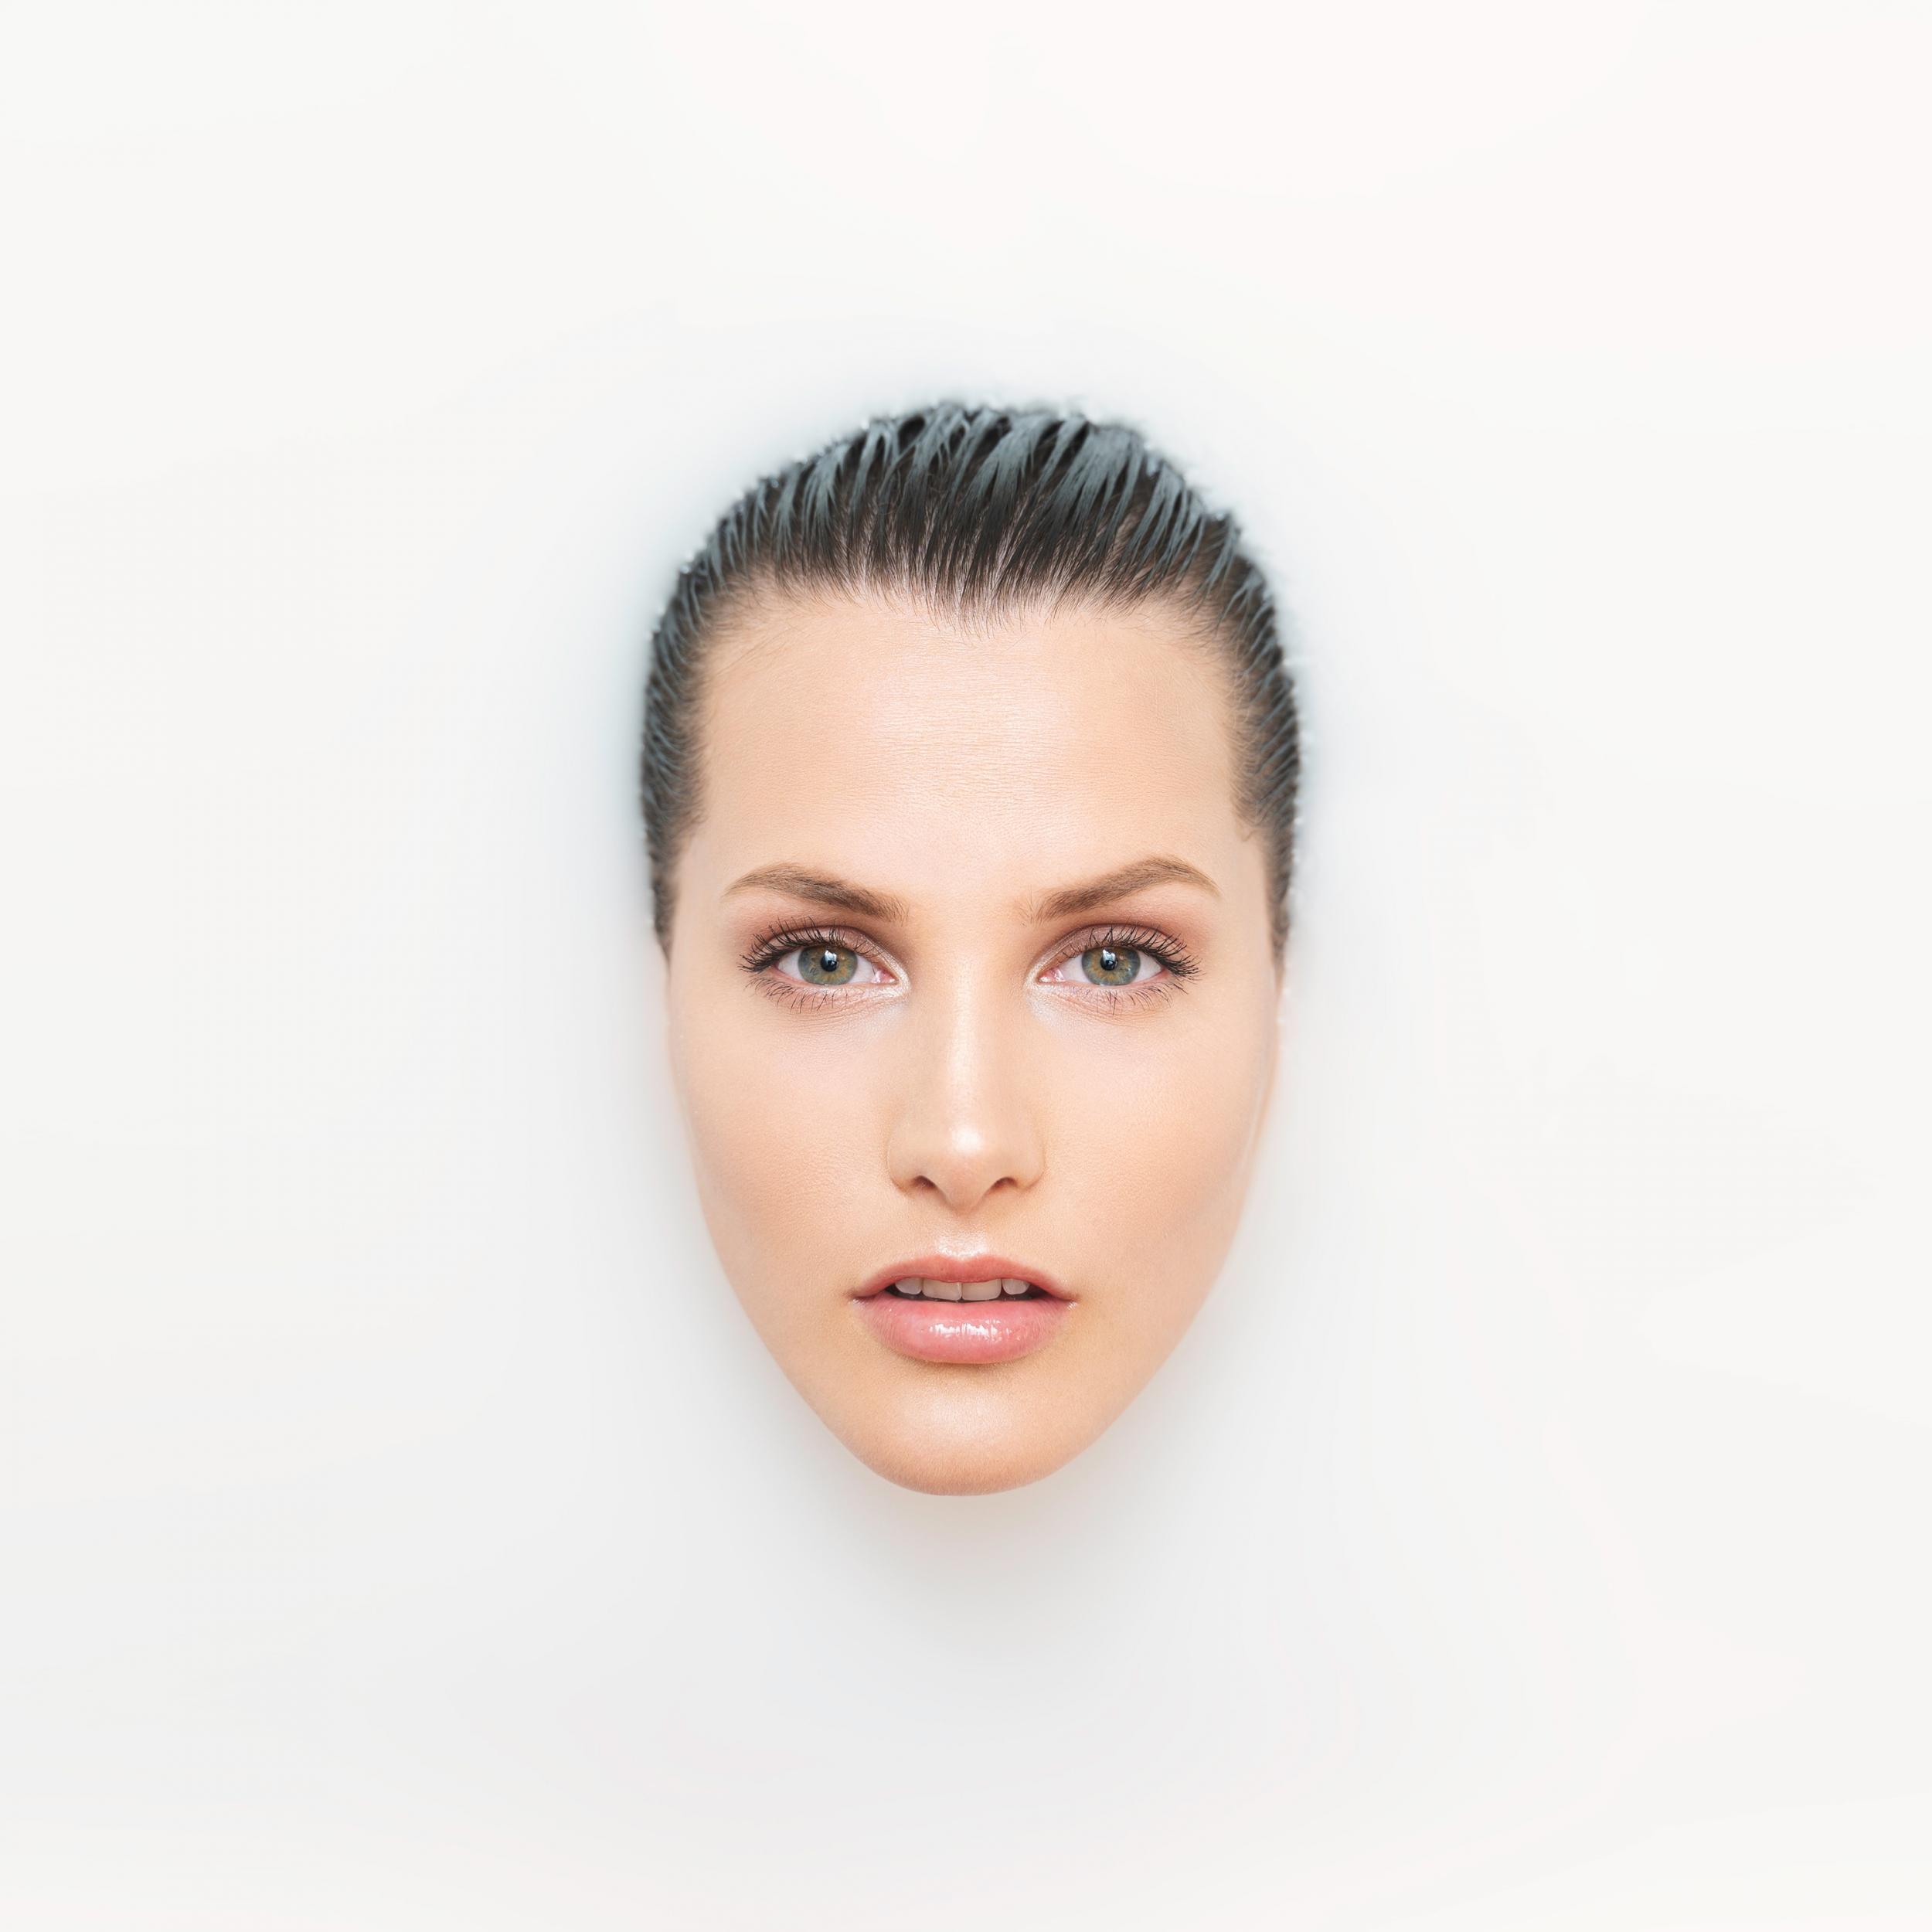 """Klaudia Gawor z nowym singlem w RMF MAXXX! Co wydarzyło się w życiu finalistki programu """"X Factor""""? [WYWIAD]"""